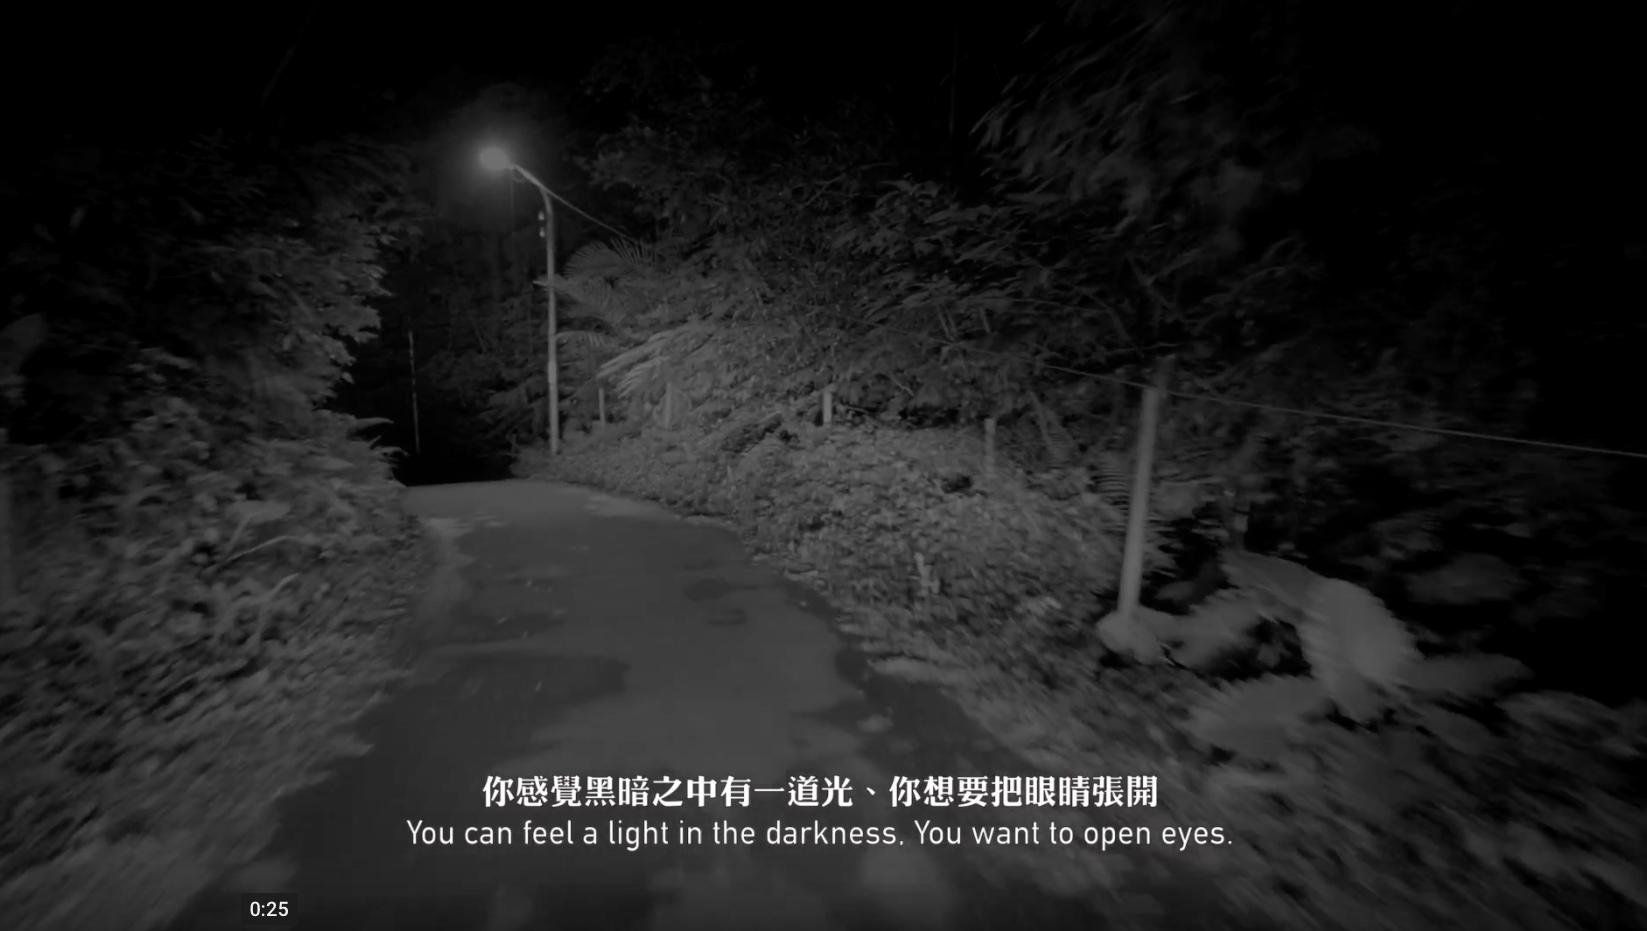 Screen Shot 2018-03-07 at 5.37.21 PM.png